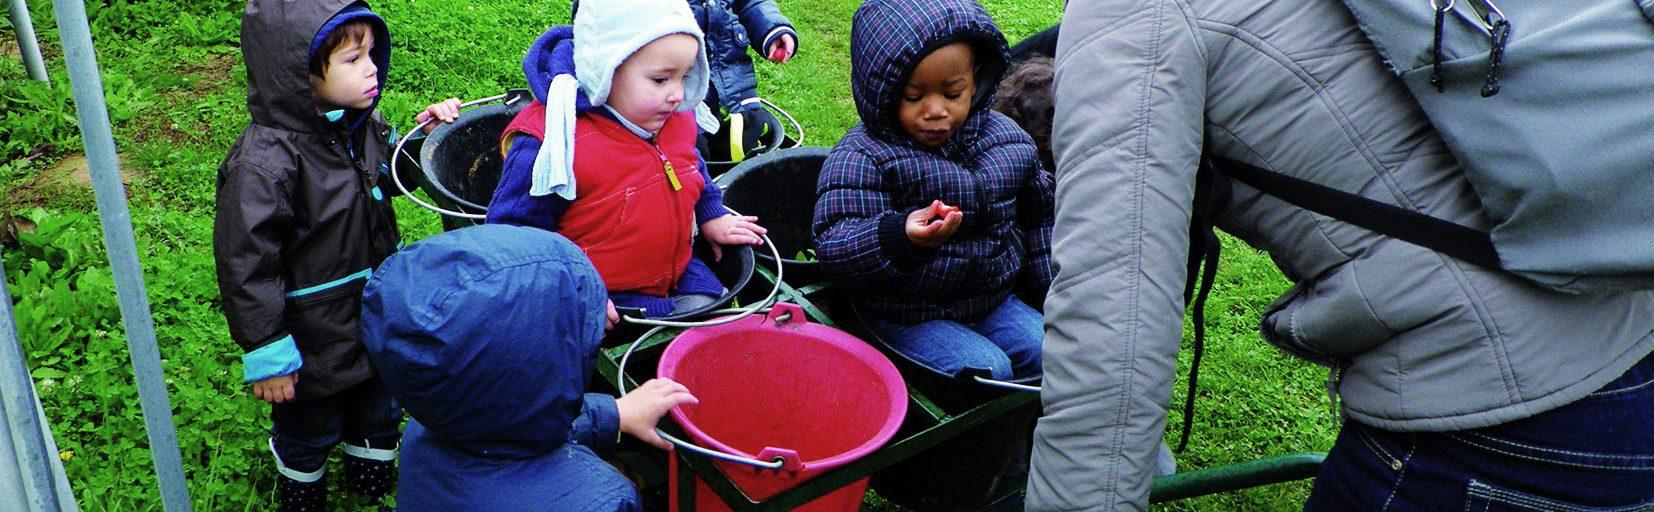 enfants dans une brouette qui mange des légumes